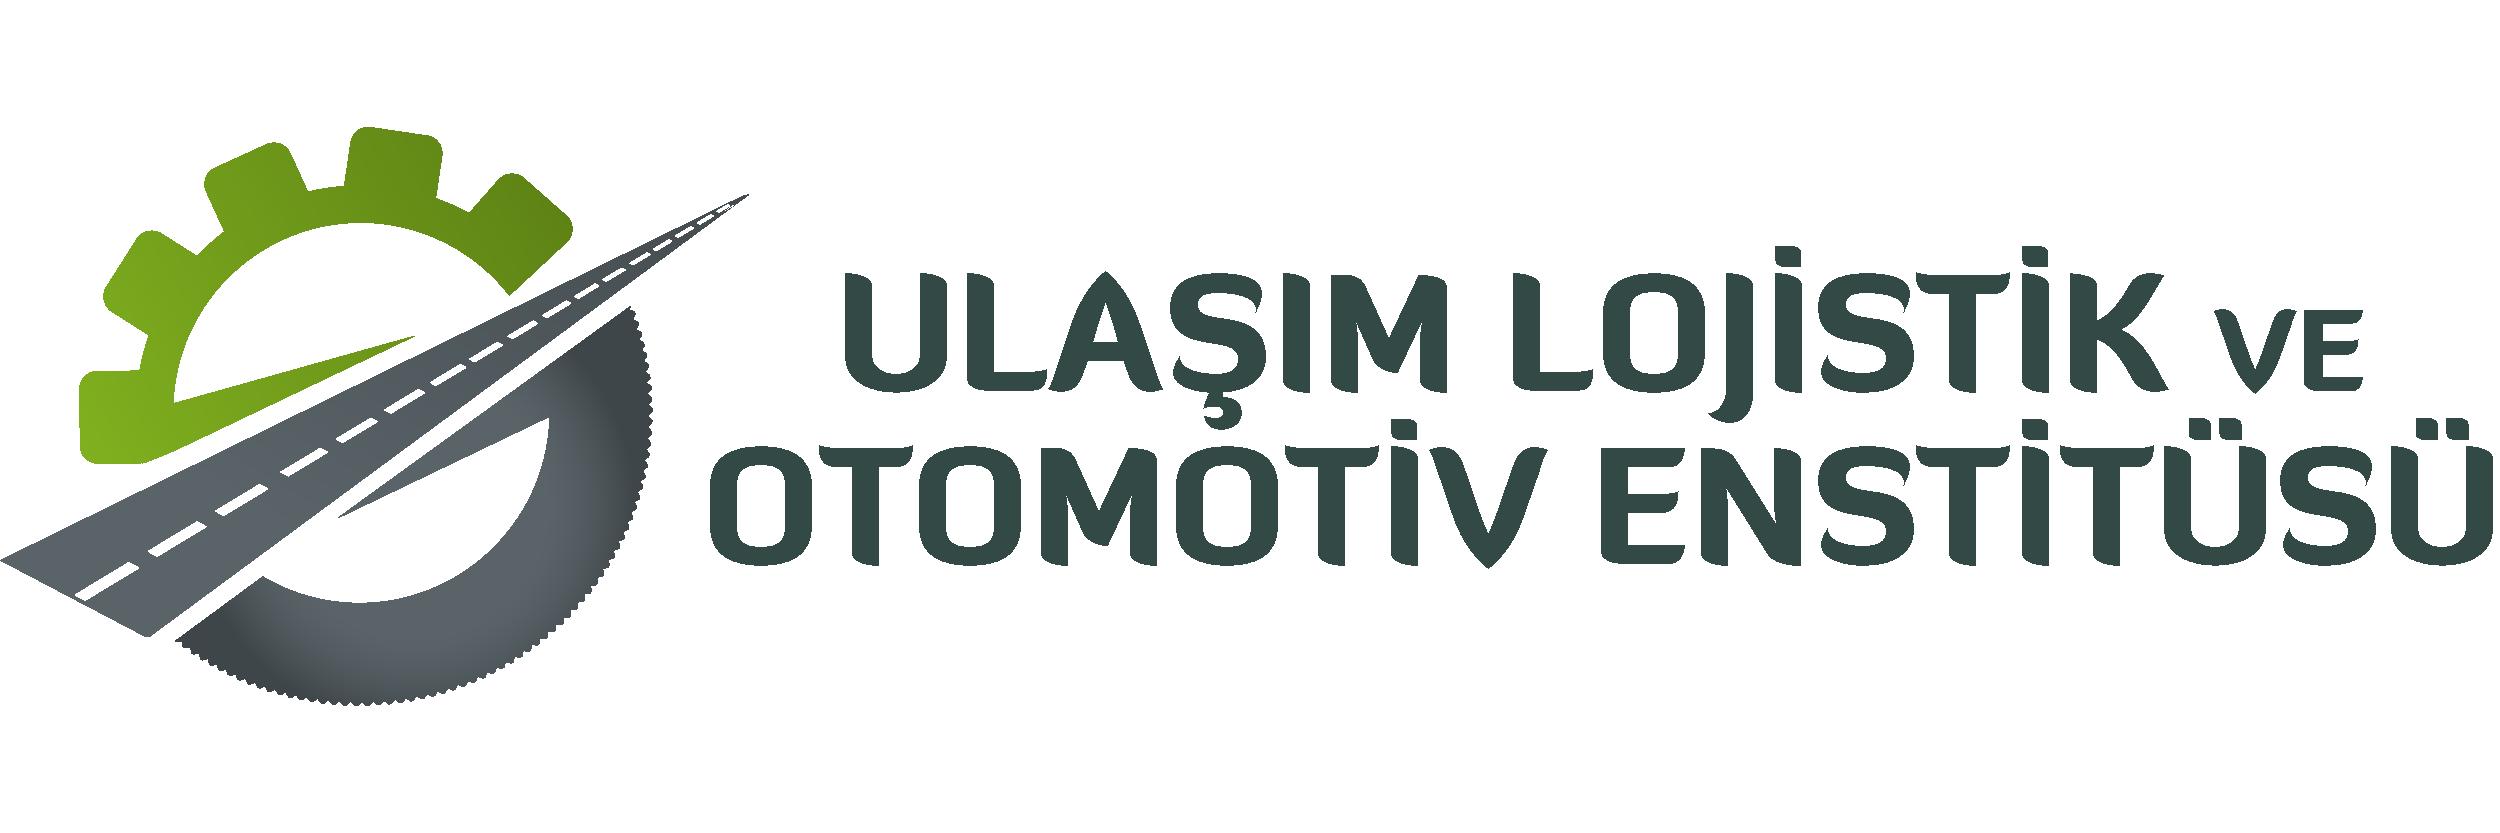 Ulaşım Lojistik ve Otomotiv Enstitüsü